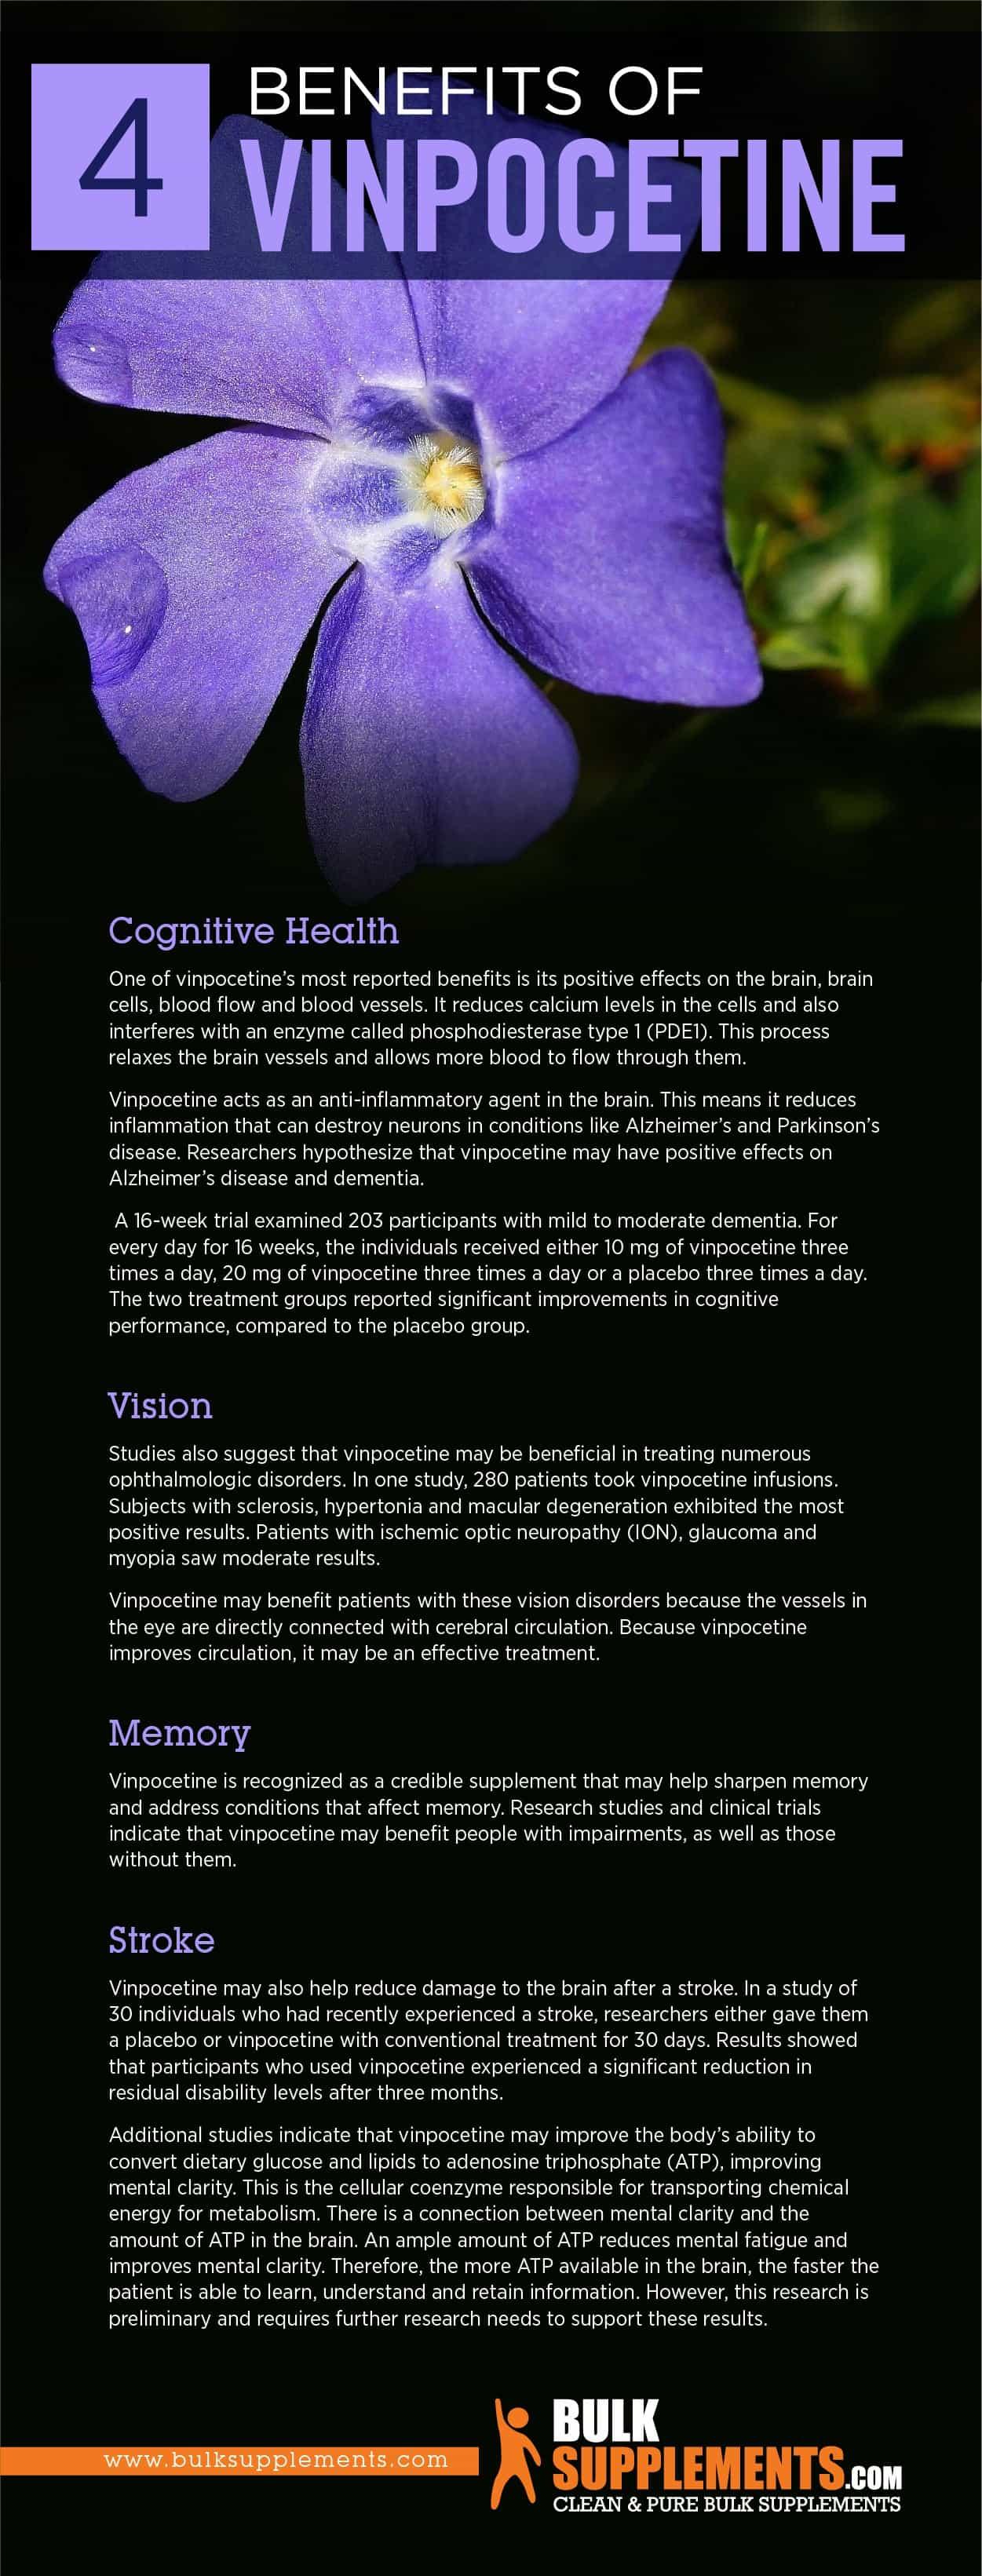 Benefits of Vinpocetine